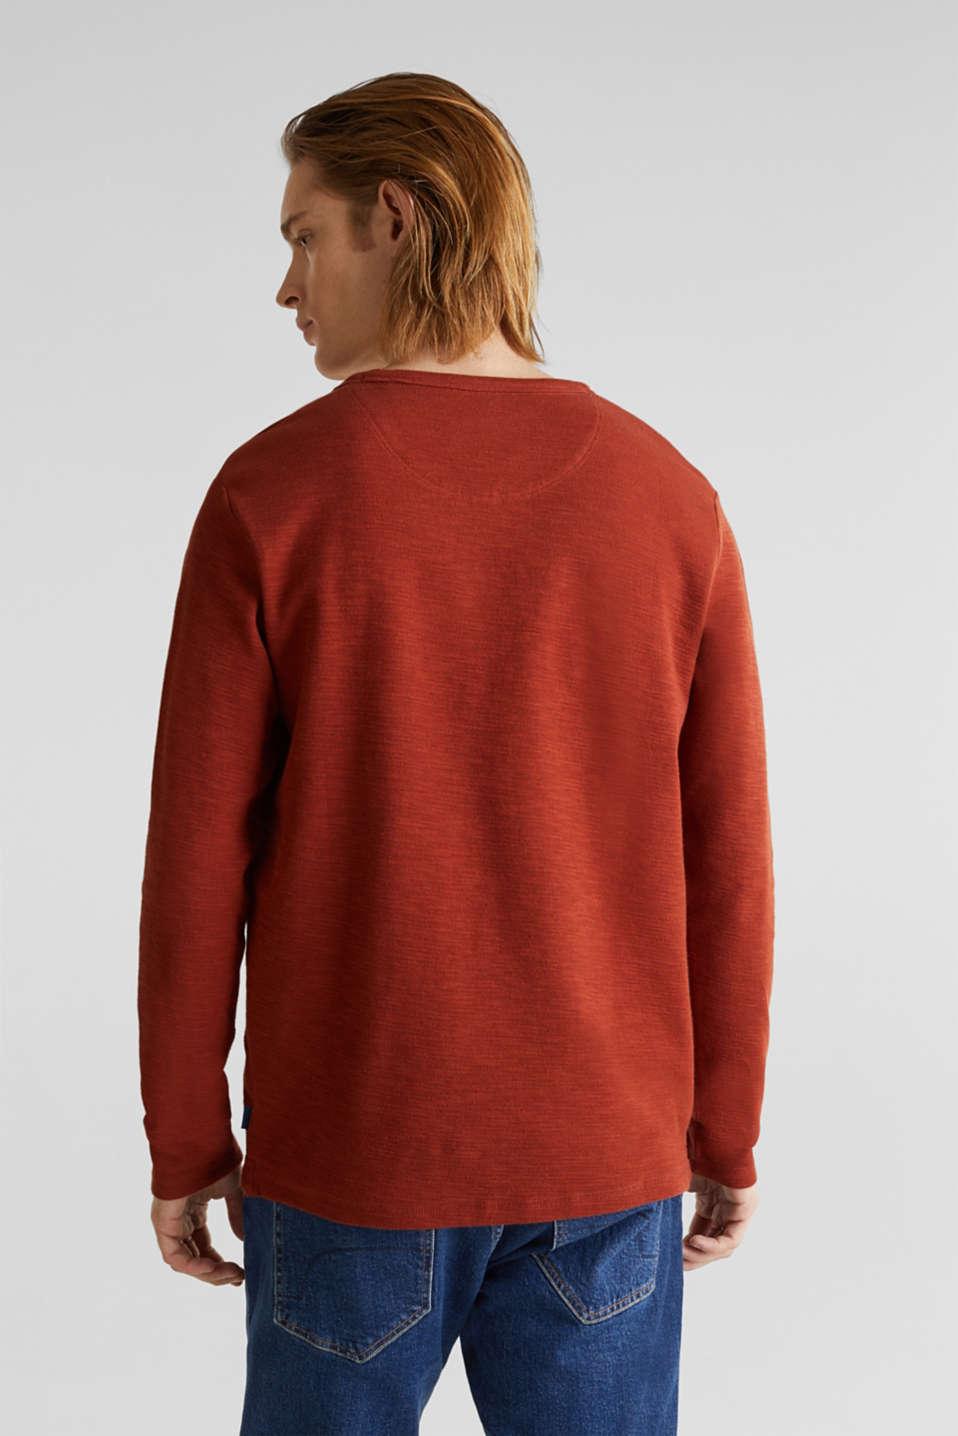 Textured cotton blend jumper, RUST ORANGE, detail image number 2